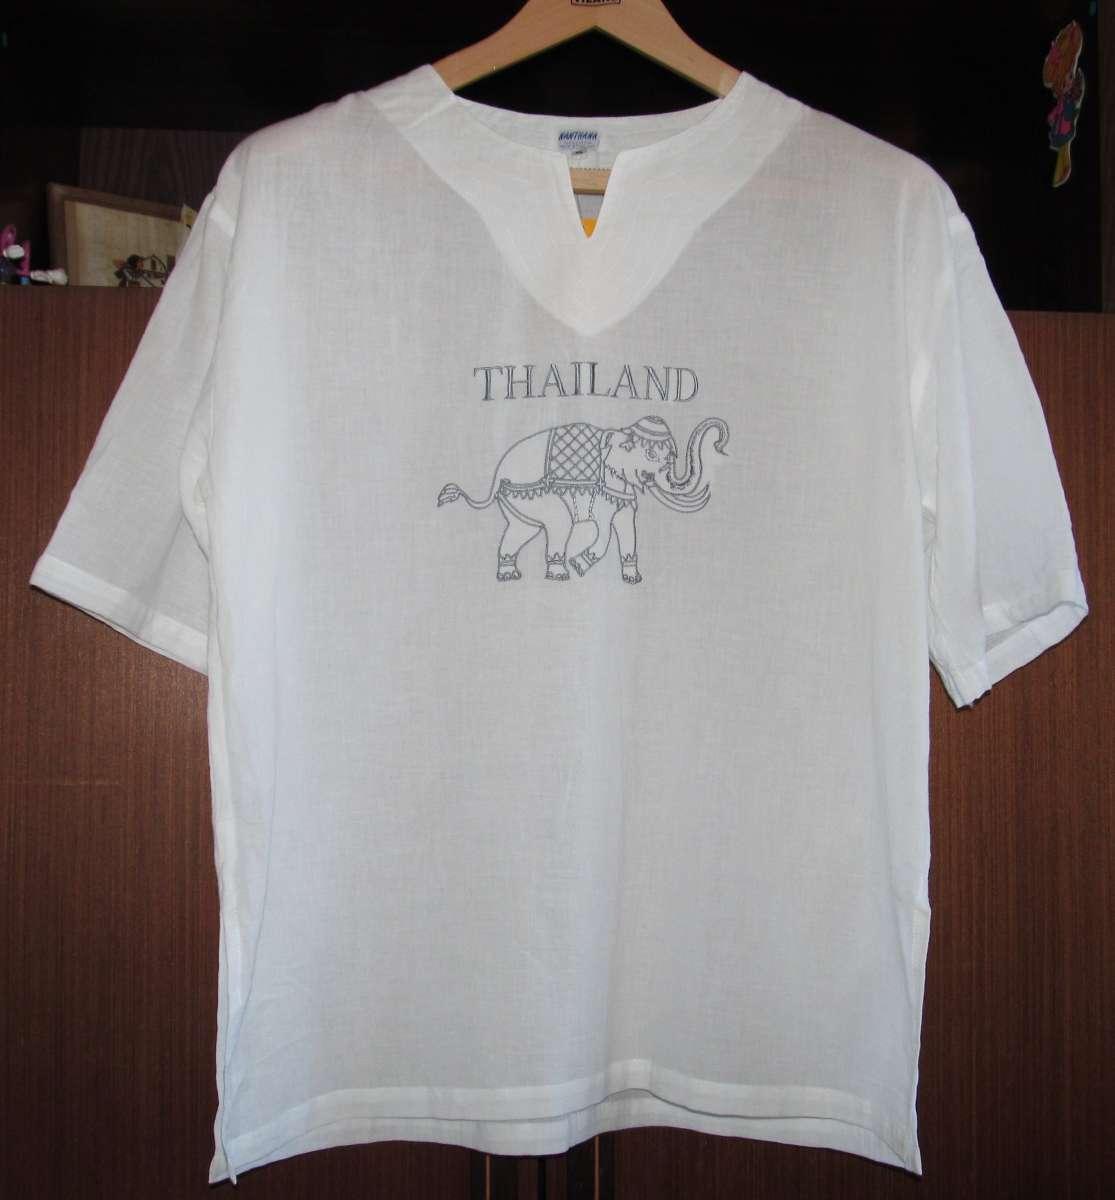 Рубашка мужская летняя из хлопка. Размер: XXXL (54-56). Таиланд.